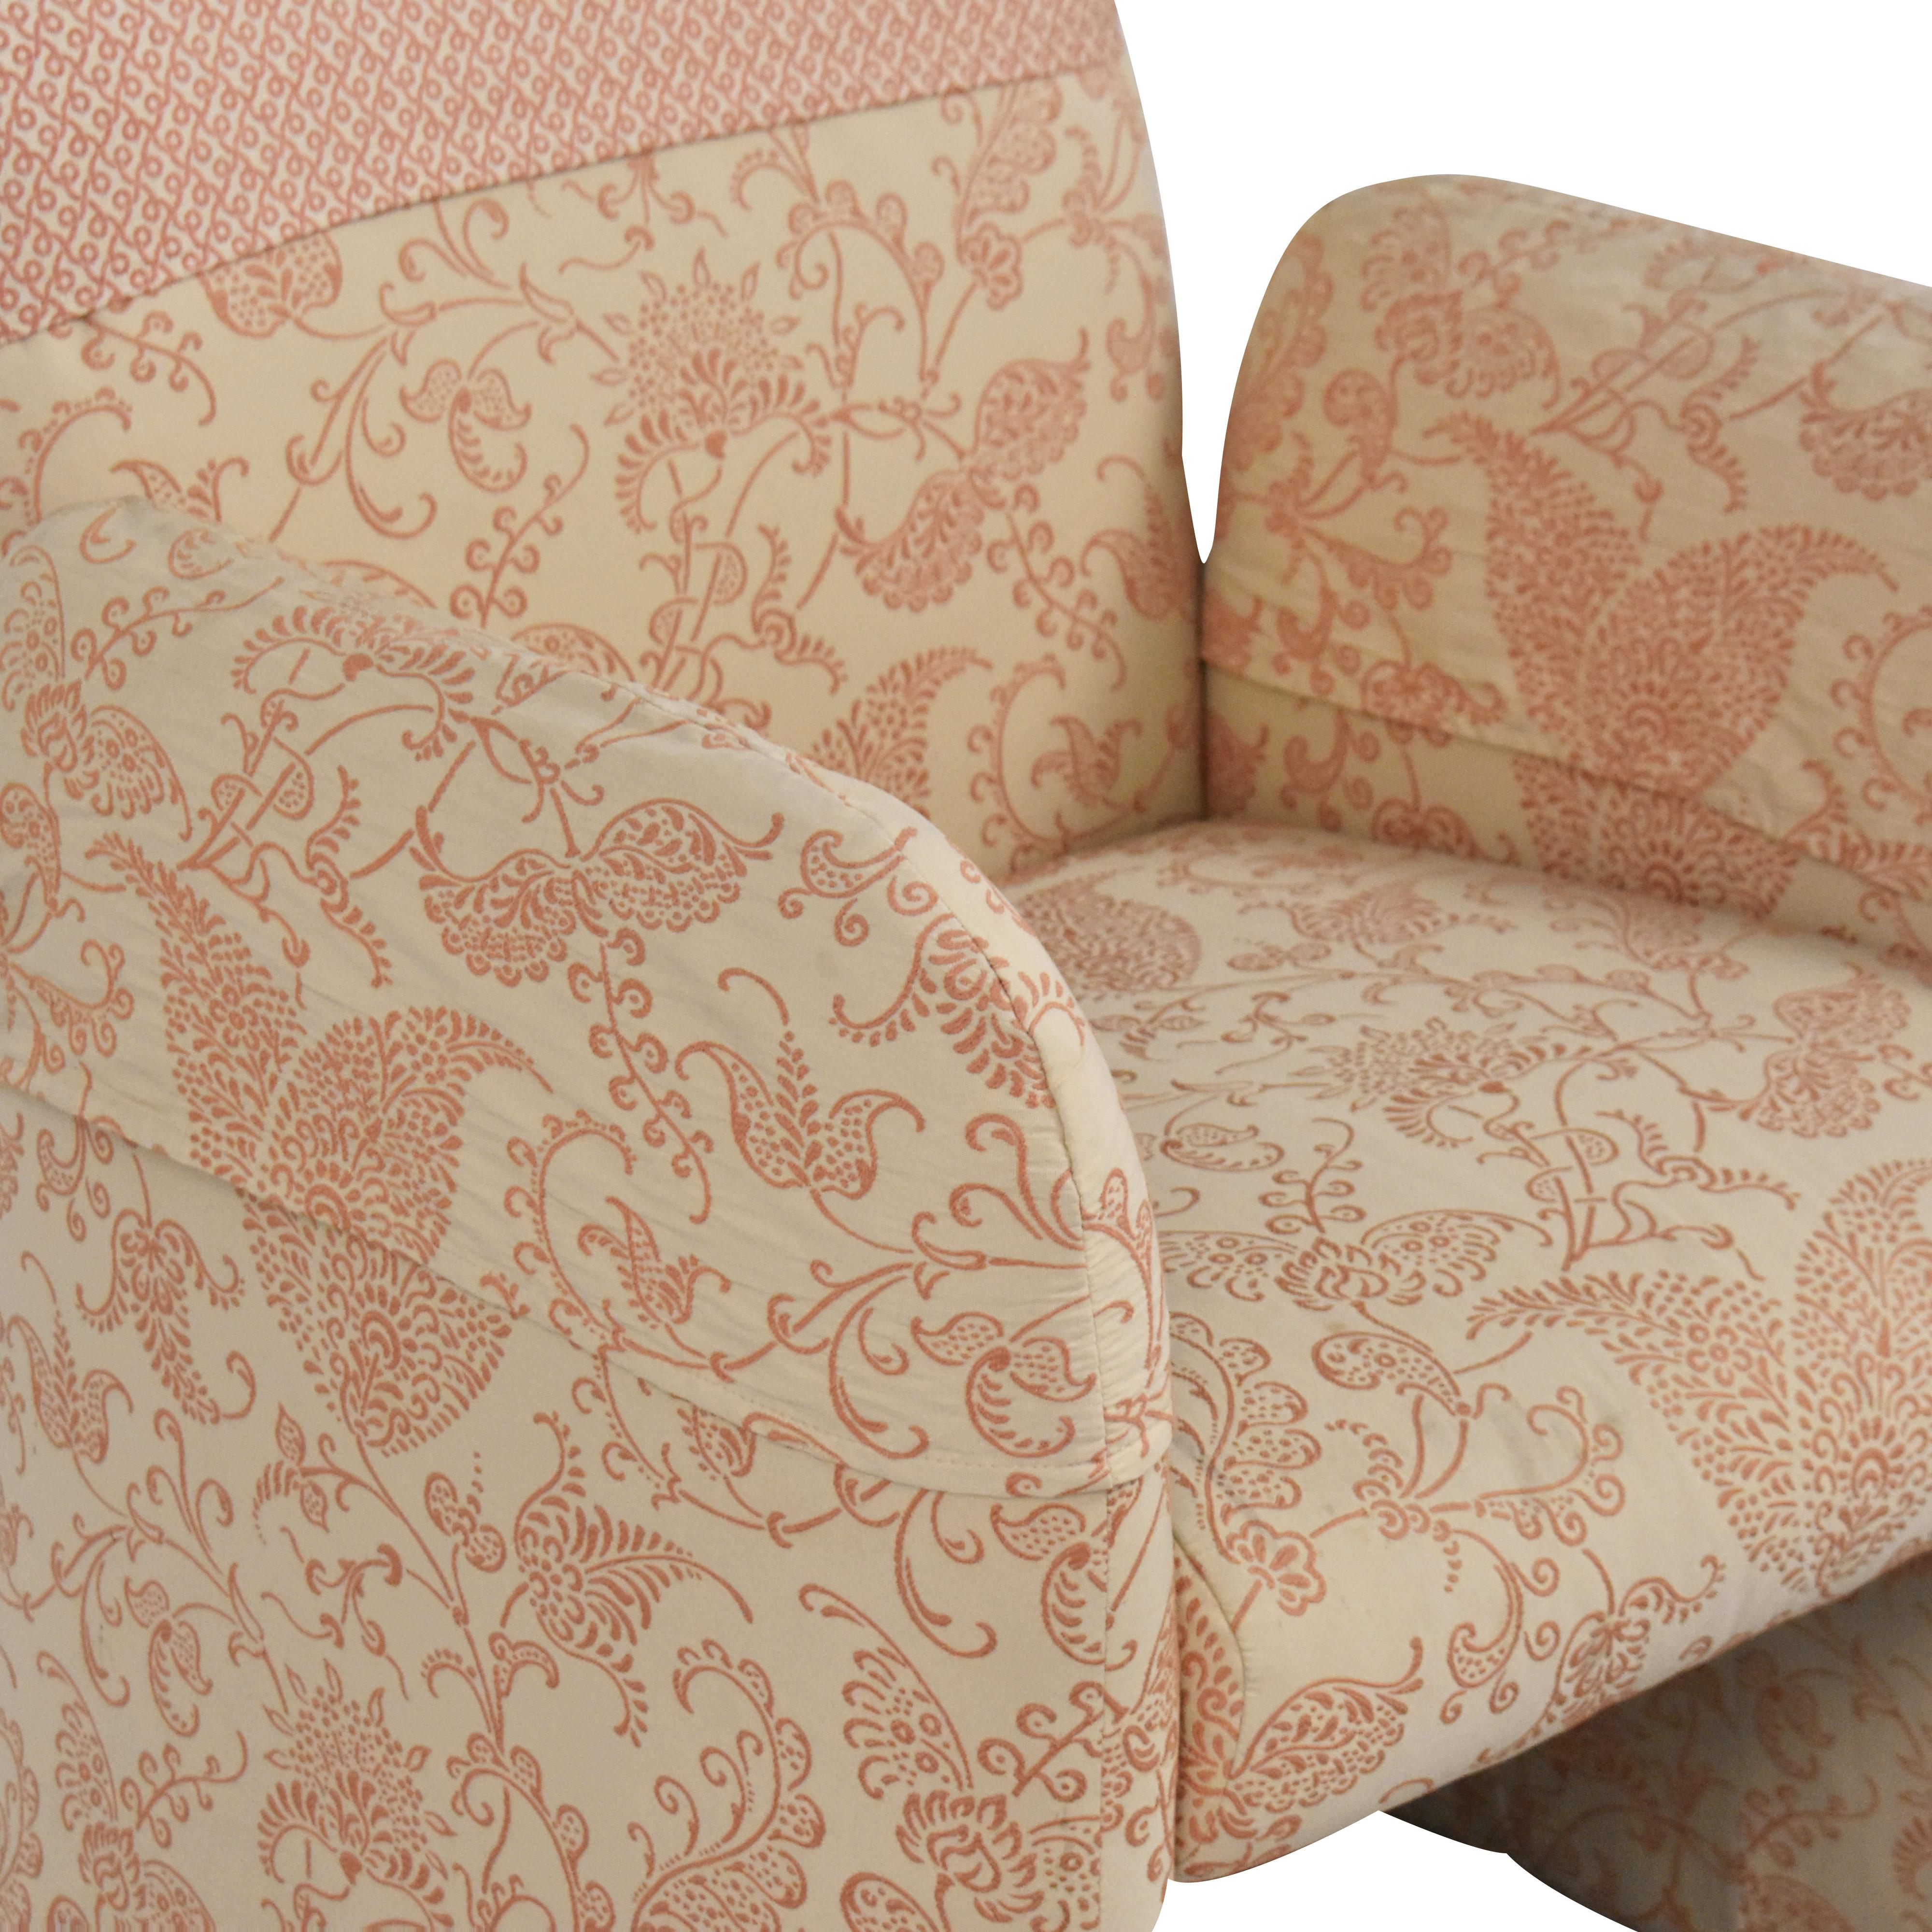 Bloomingdale's Bloomingdale's Milo Baughman-Style Club Chair dimensions